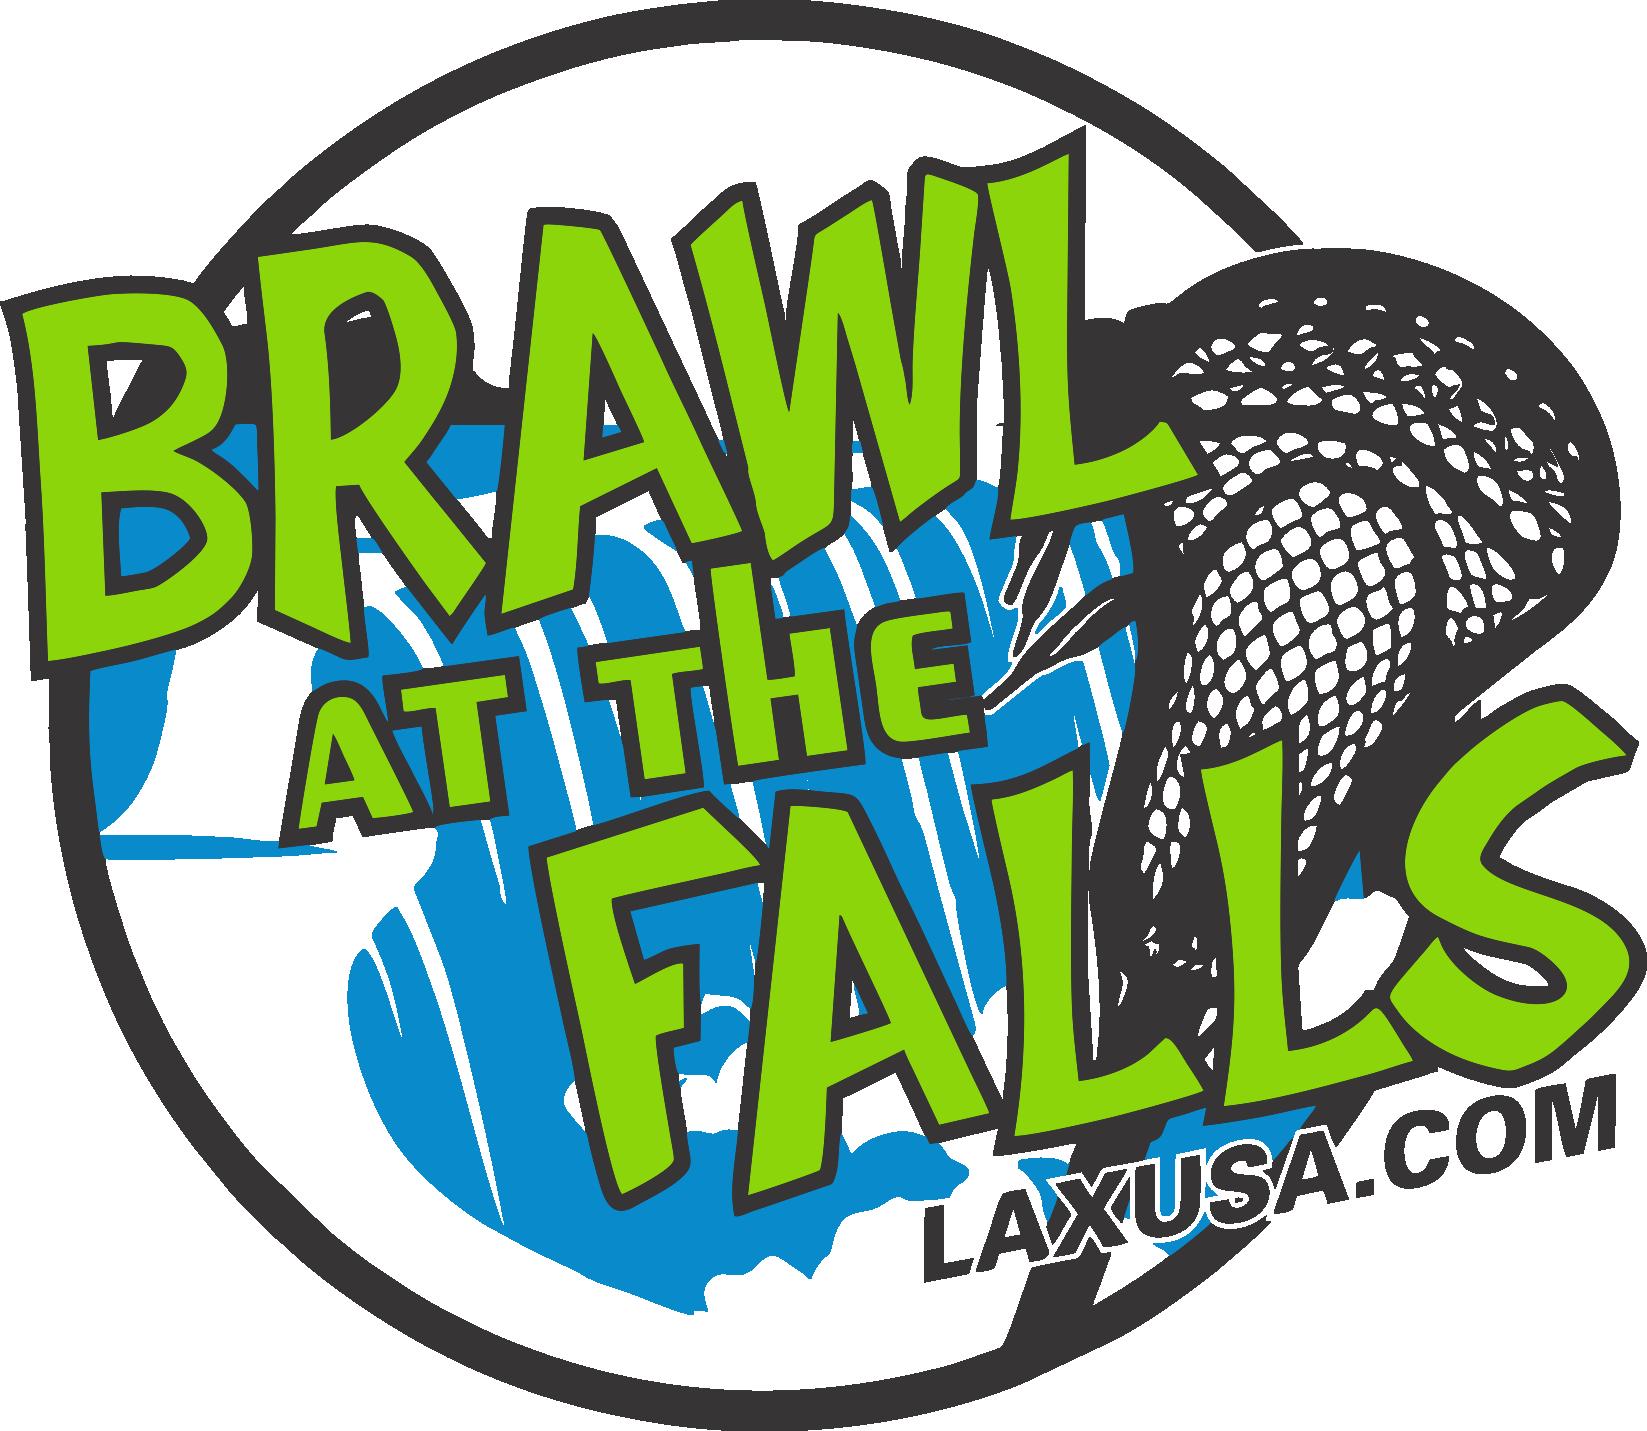 Brawl at the Falls Circle Logo